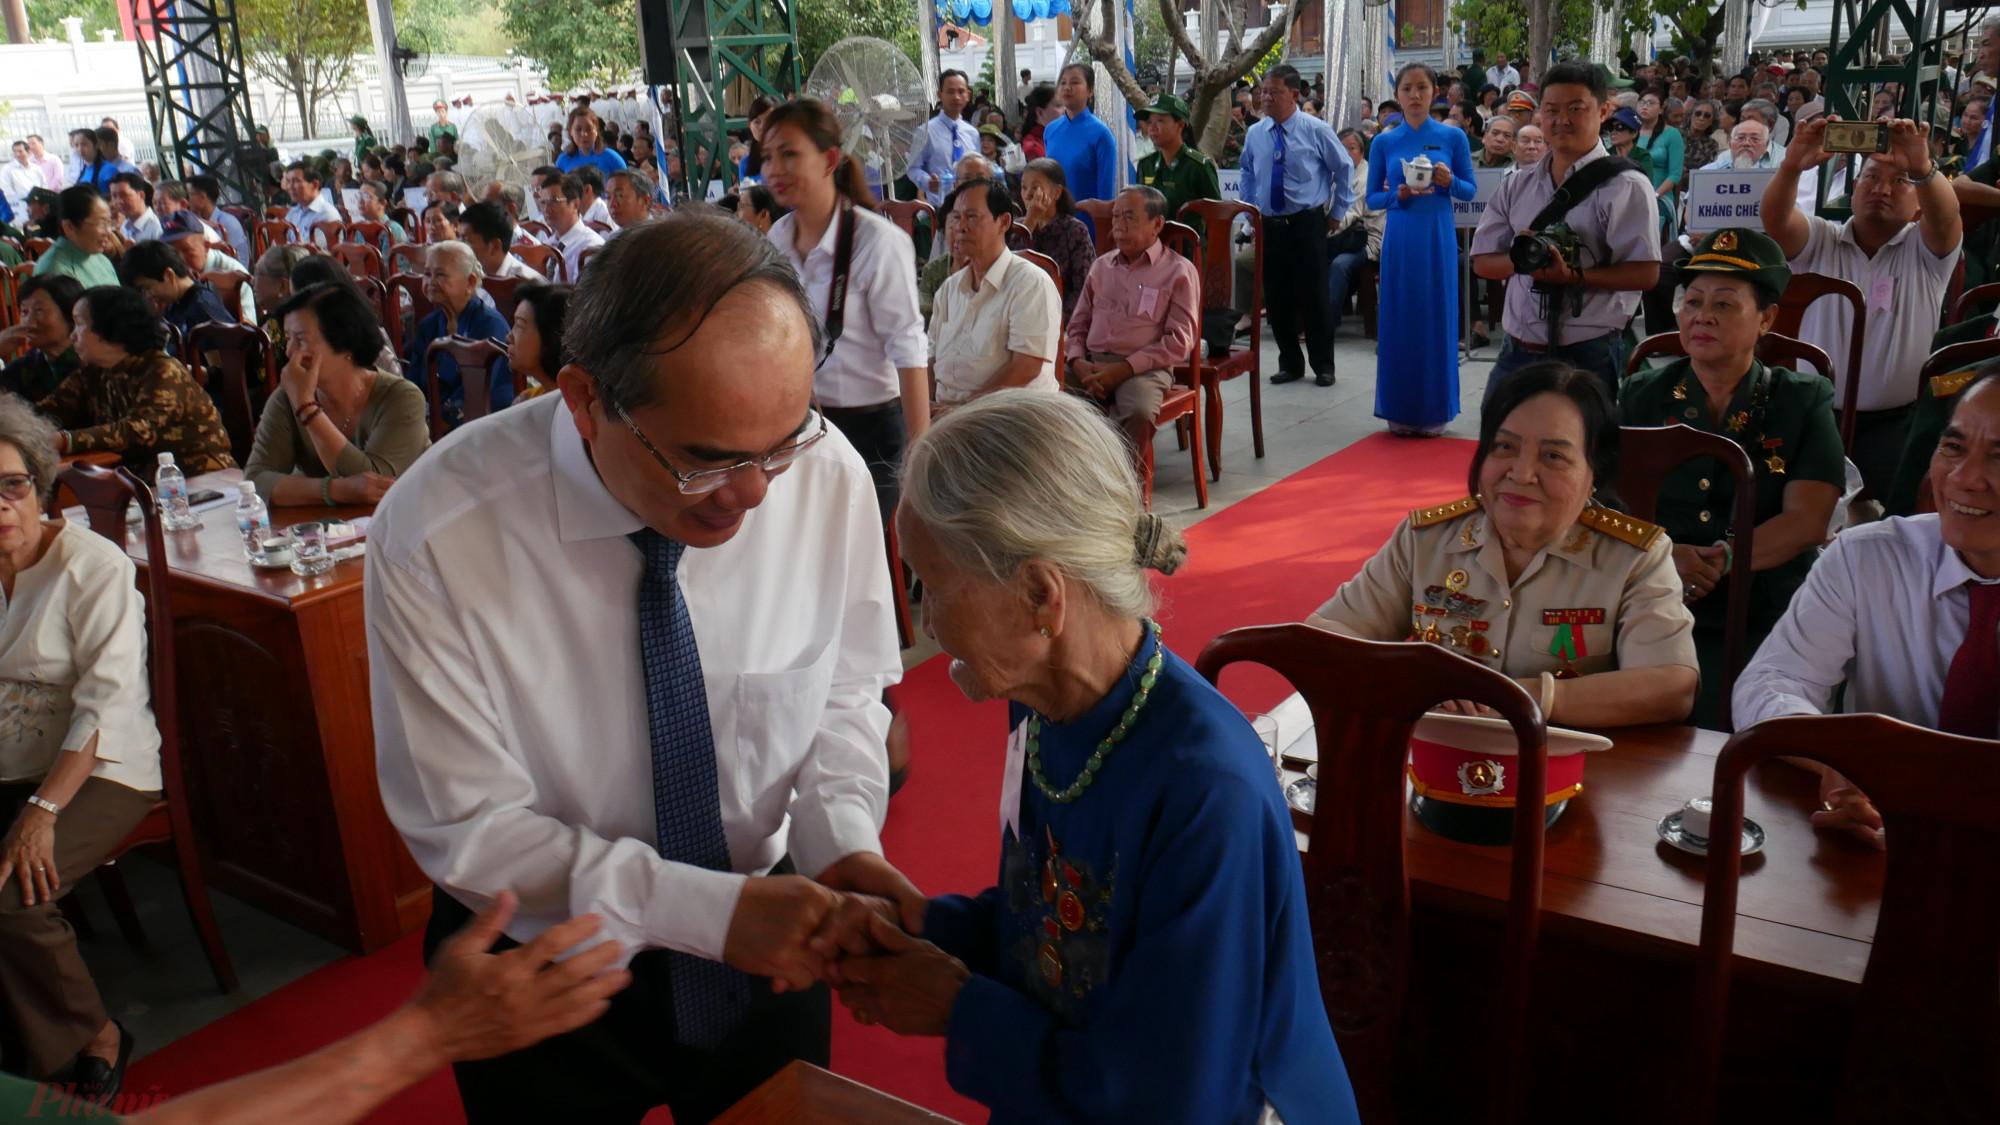 Bí thư Thành ủy TPHCM Nguyễn Thiện Nhân thăm hỏi các đại biểu tại họp mặt truyền thống cách mạng Sài Gòn - Chợ Lớn - Gia Định.